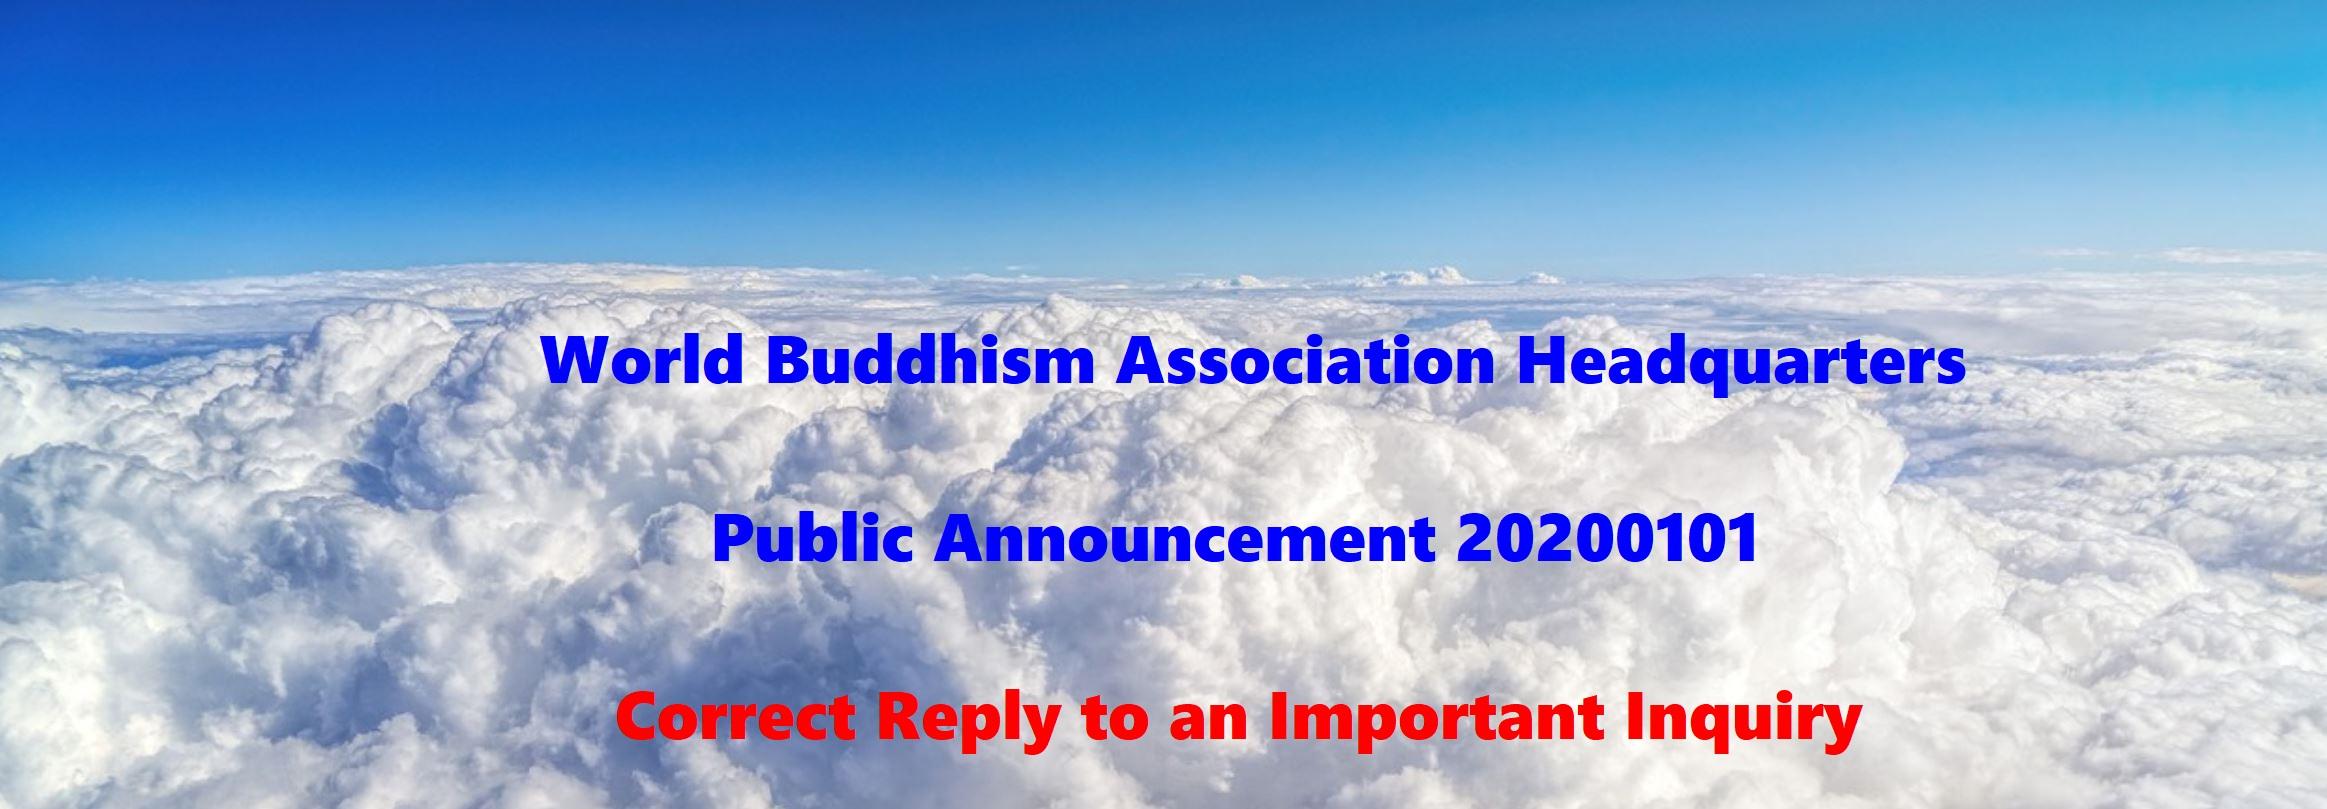 Public Announcement 20200101